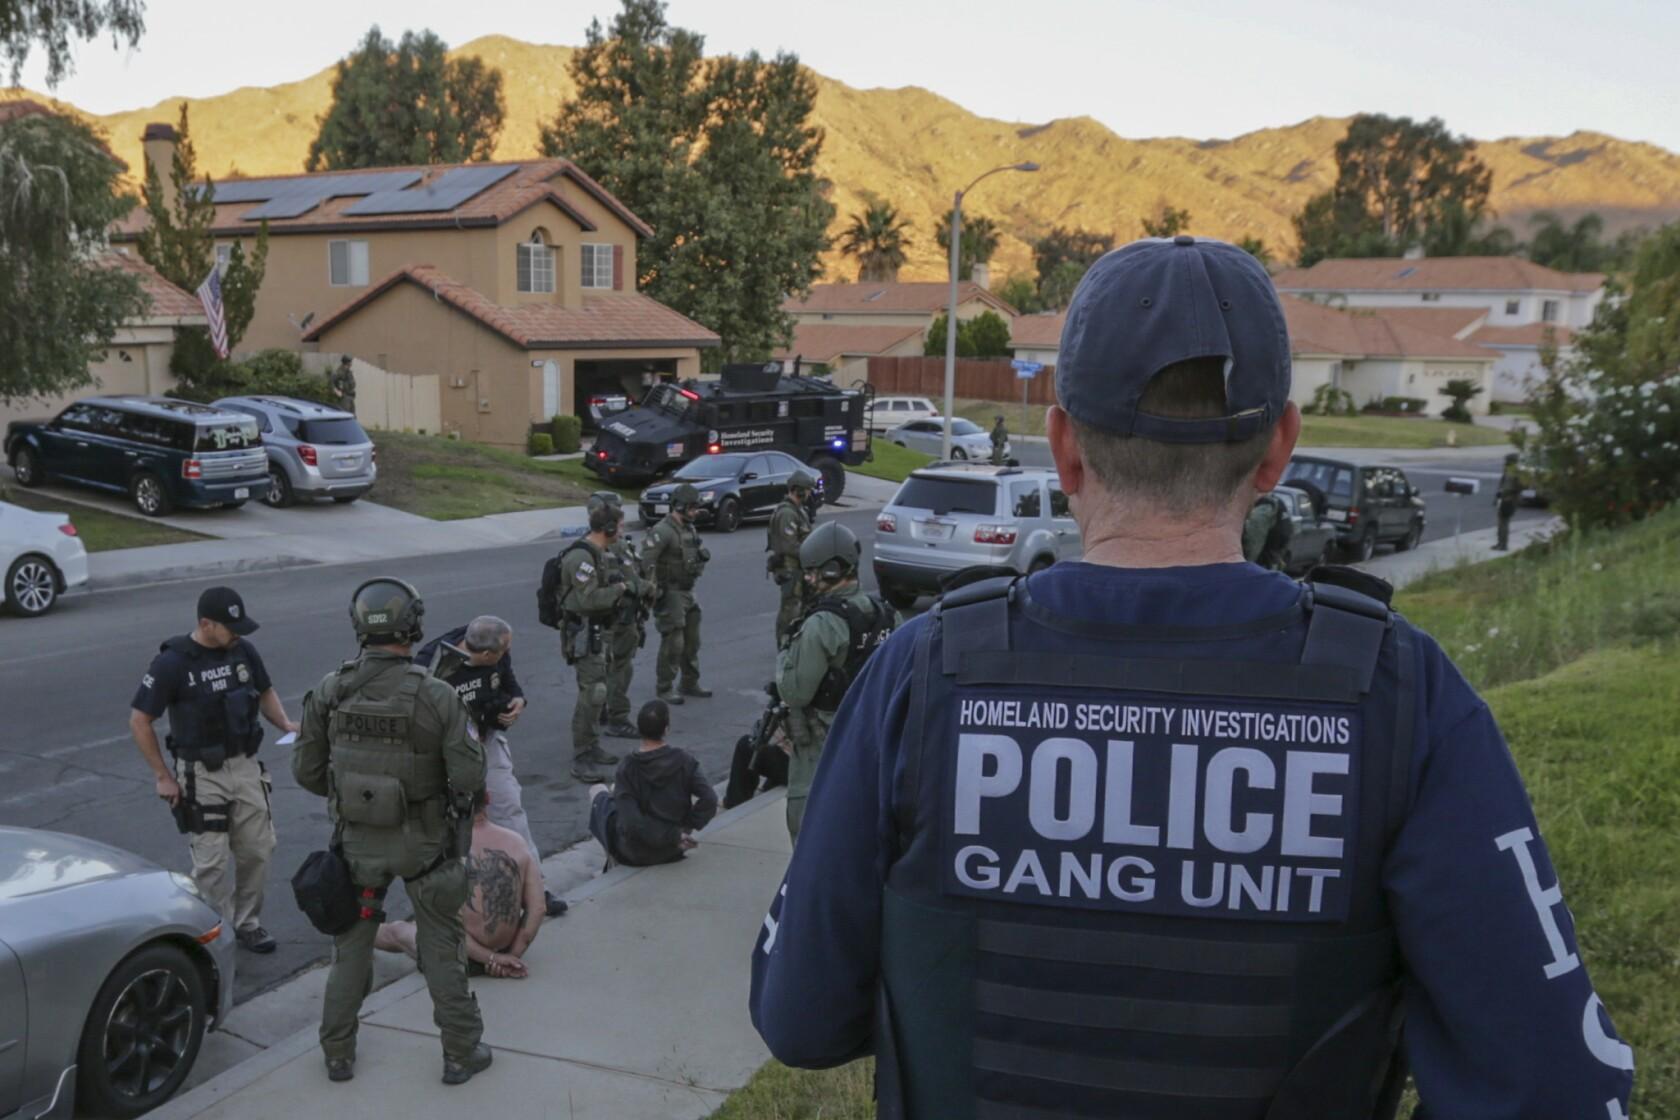 Federal agents arrest Vagos motorcycle gang members in